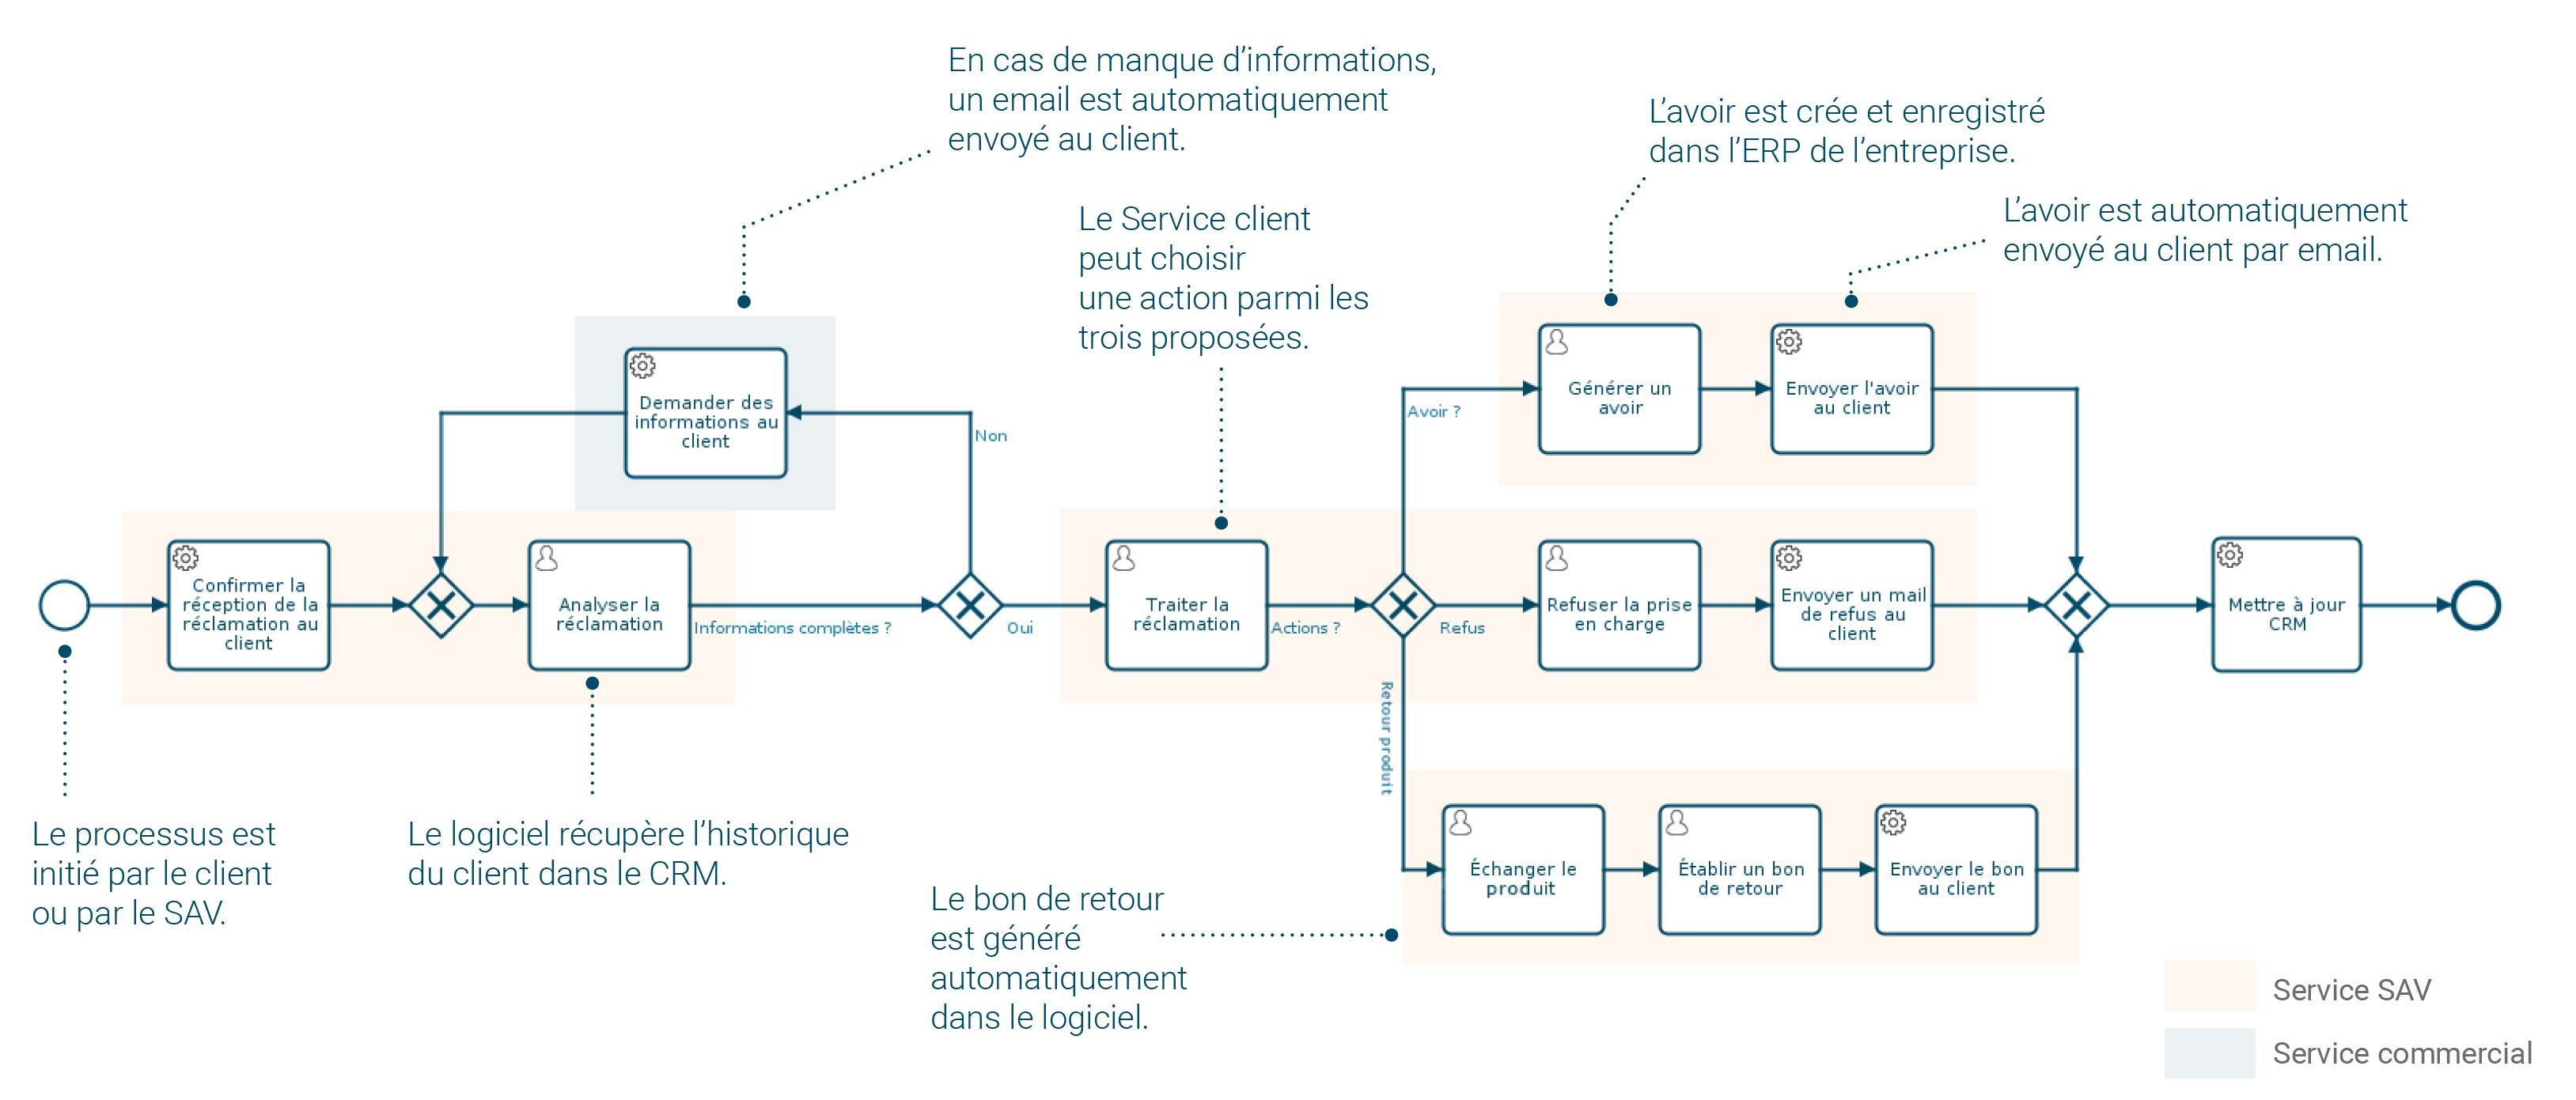 Modélisation des processus métier : la réclamation d'un client